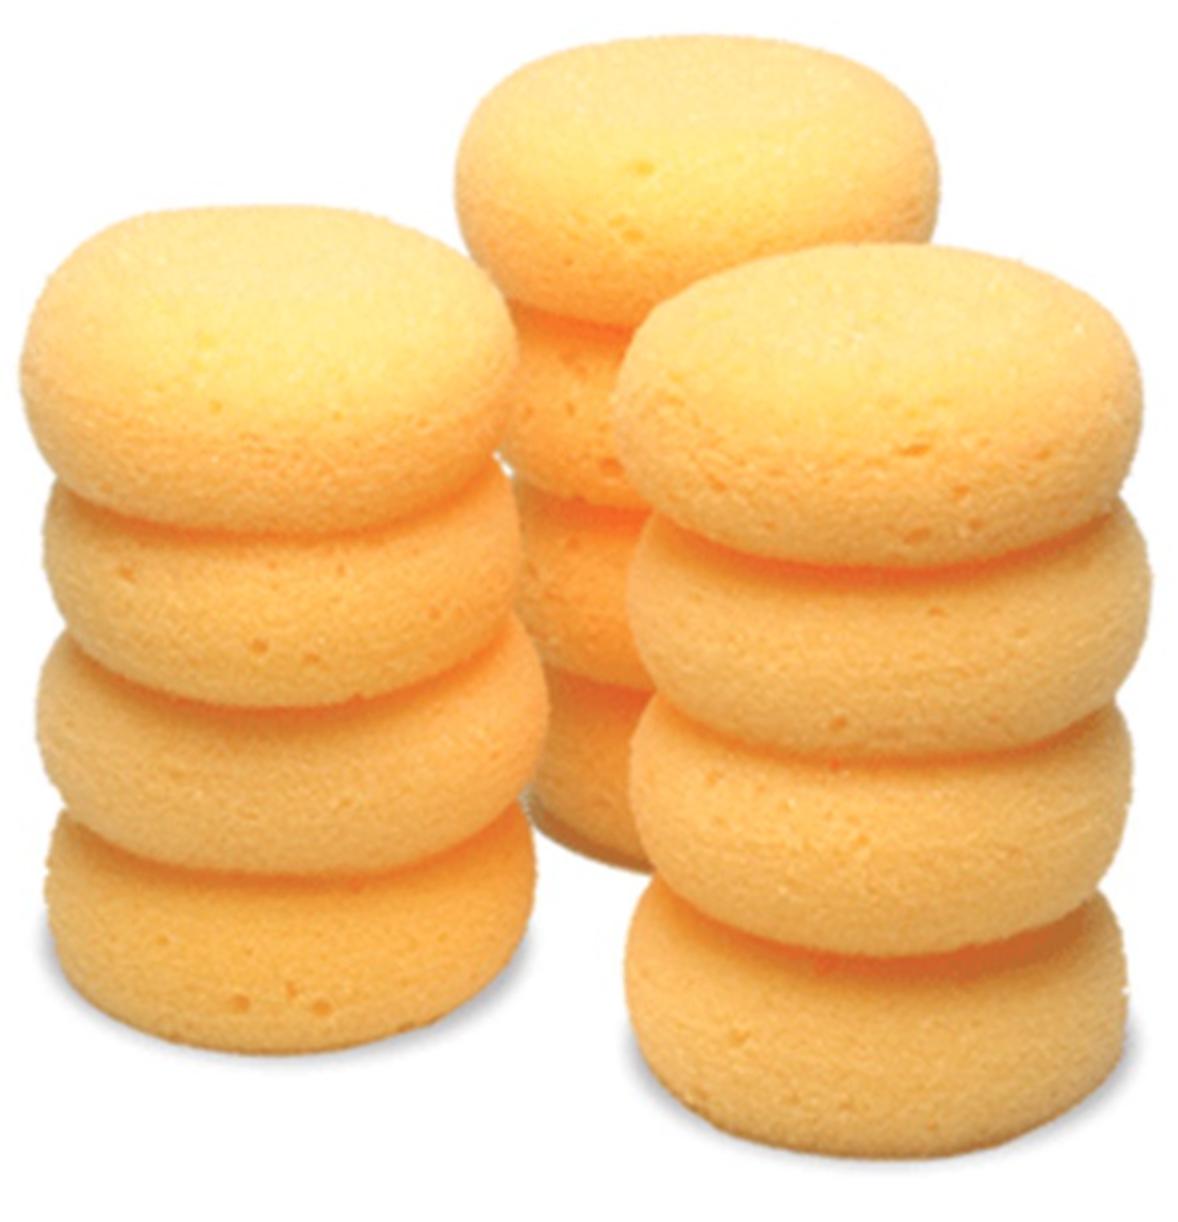 Tack Sponges (12 Pack)